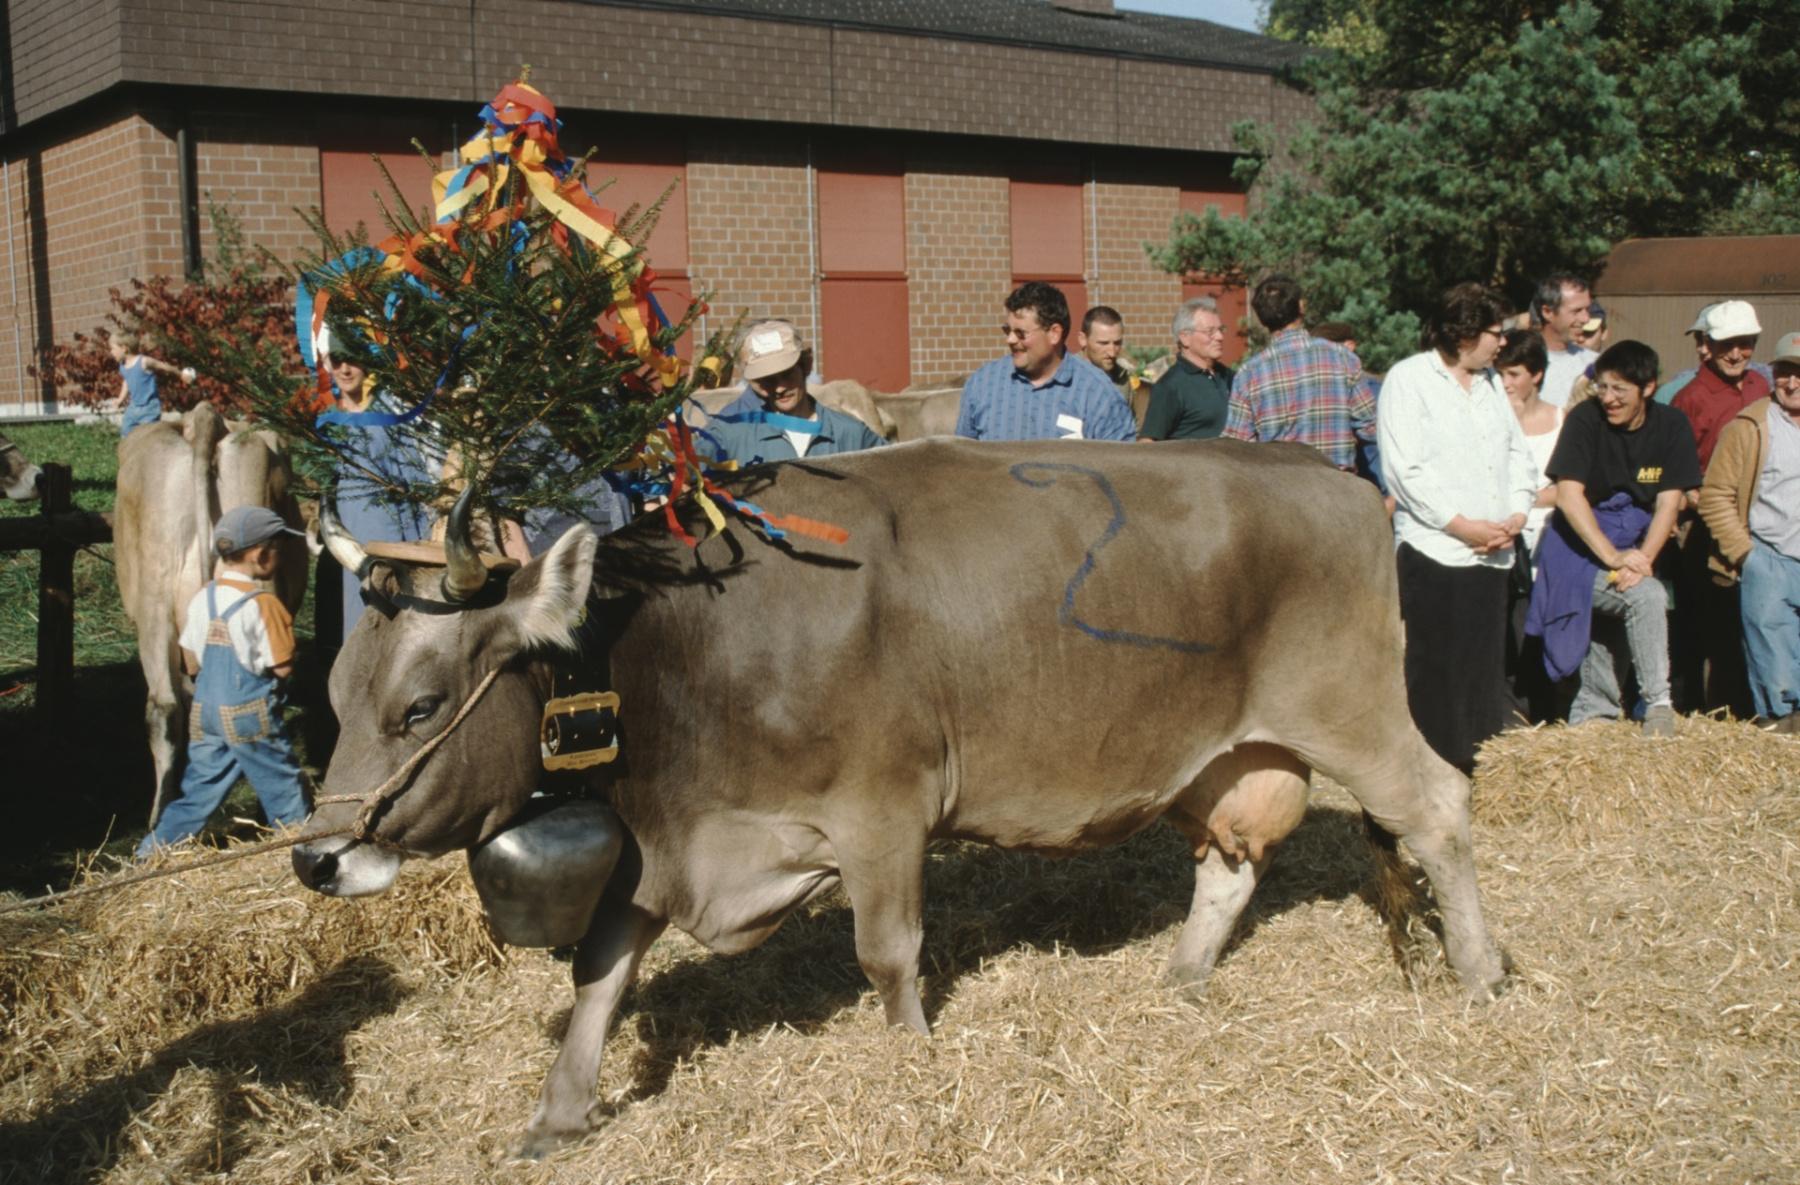 Viehprämierung, Miss Bäretswil erkoren von der Sagermannschaft